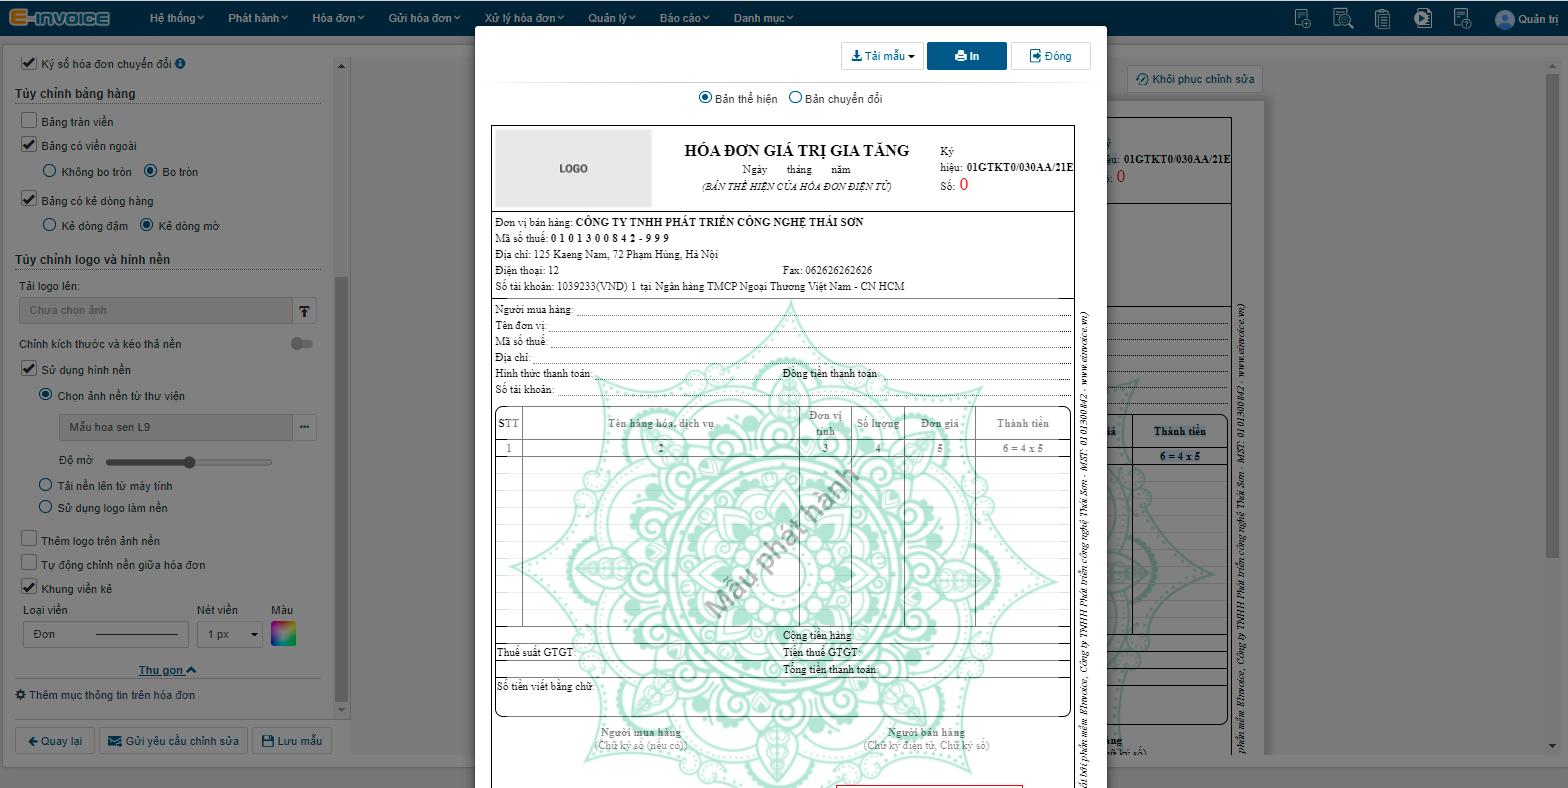 """Nhấn chọn """"Xem mẫu"""" để xem kết quả hóa đơn thiết kế."""